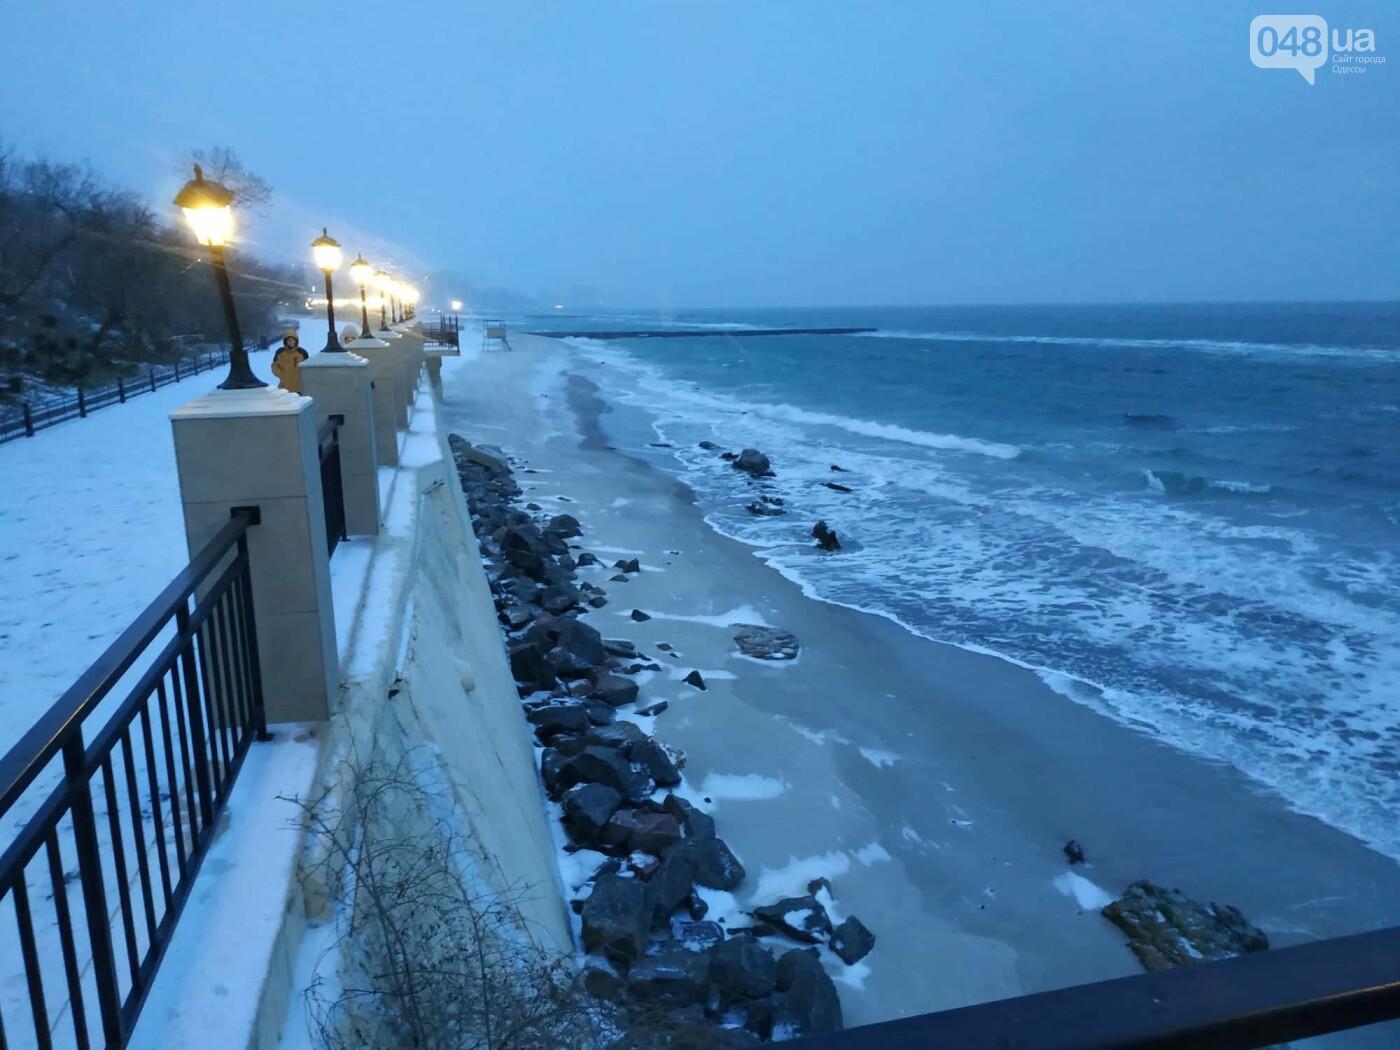 Заснеженные одесские пляжи вечером: вот где стоит прогуляться, - ФОТО, фото-19